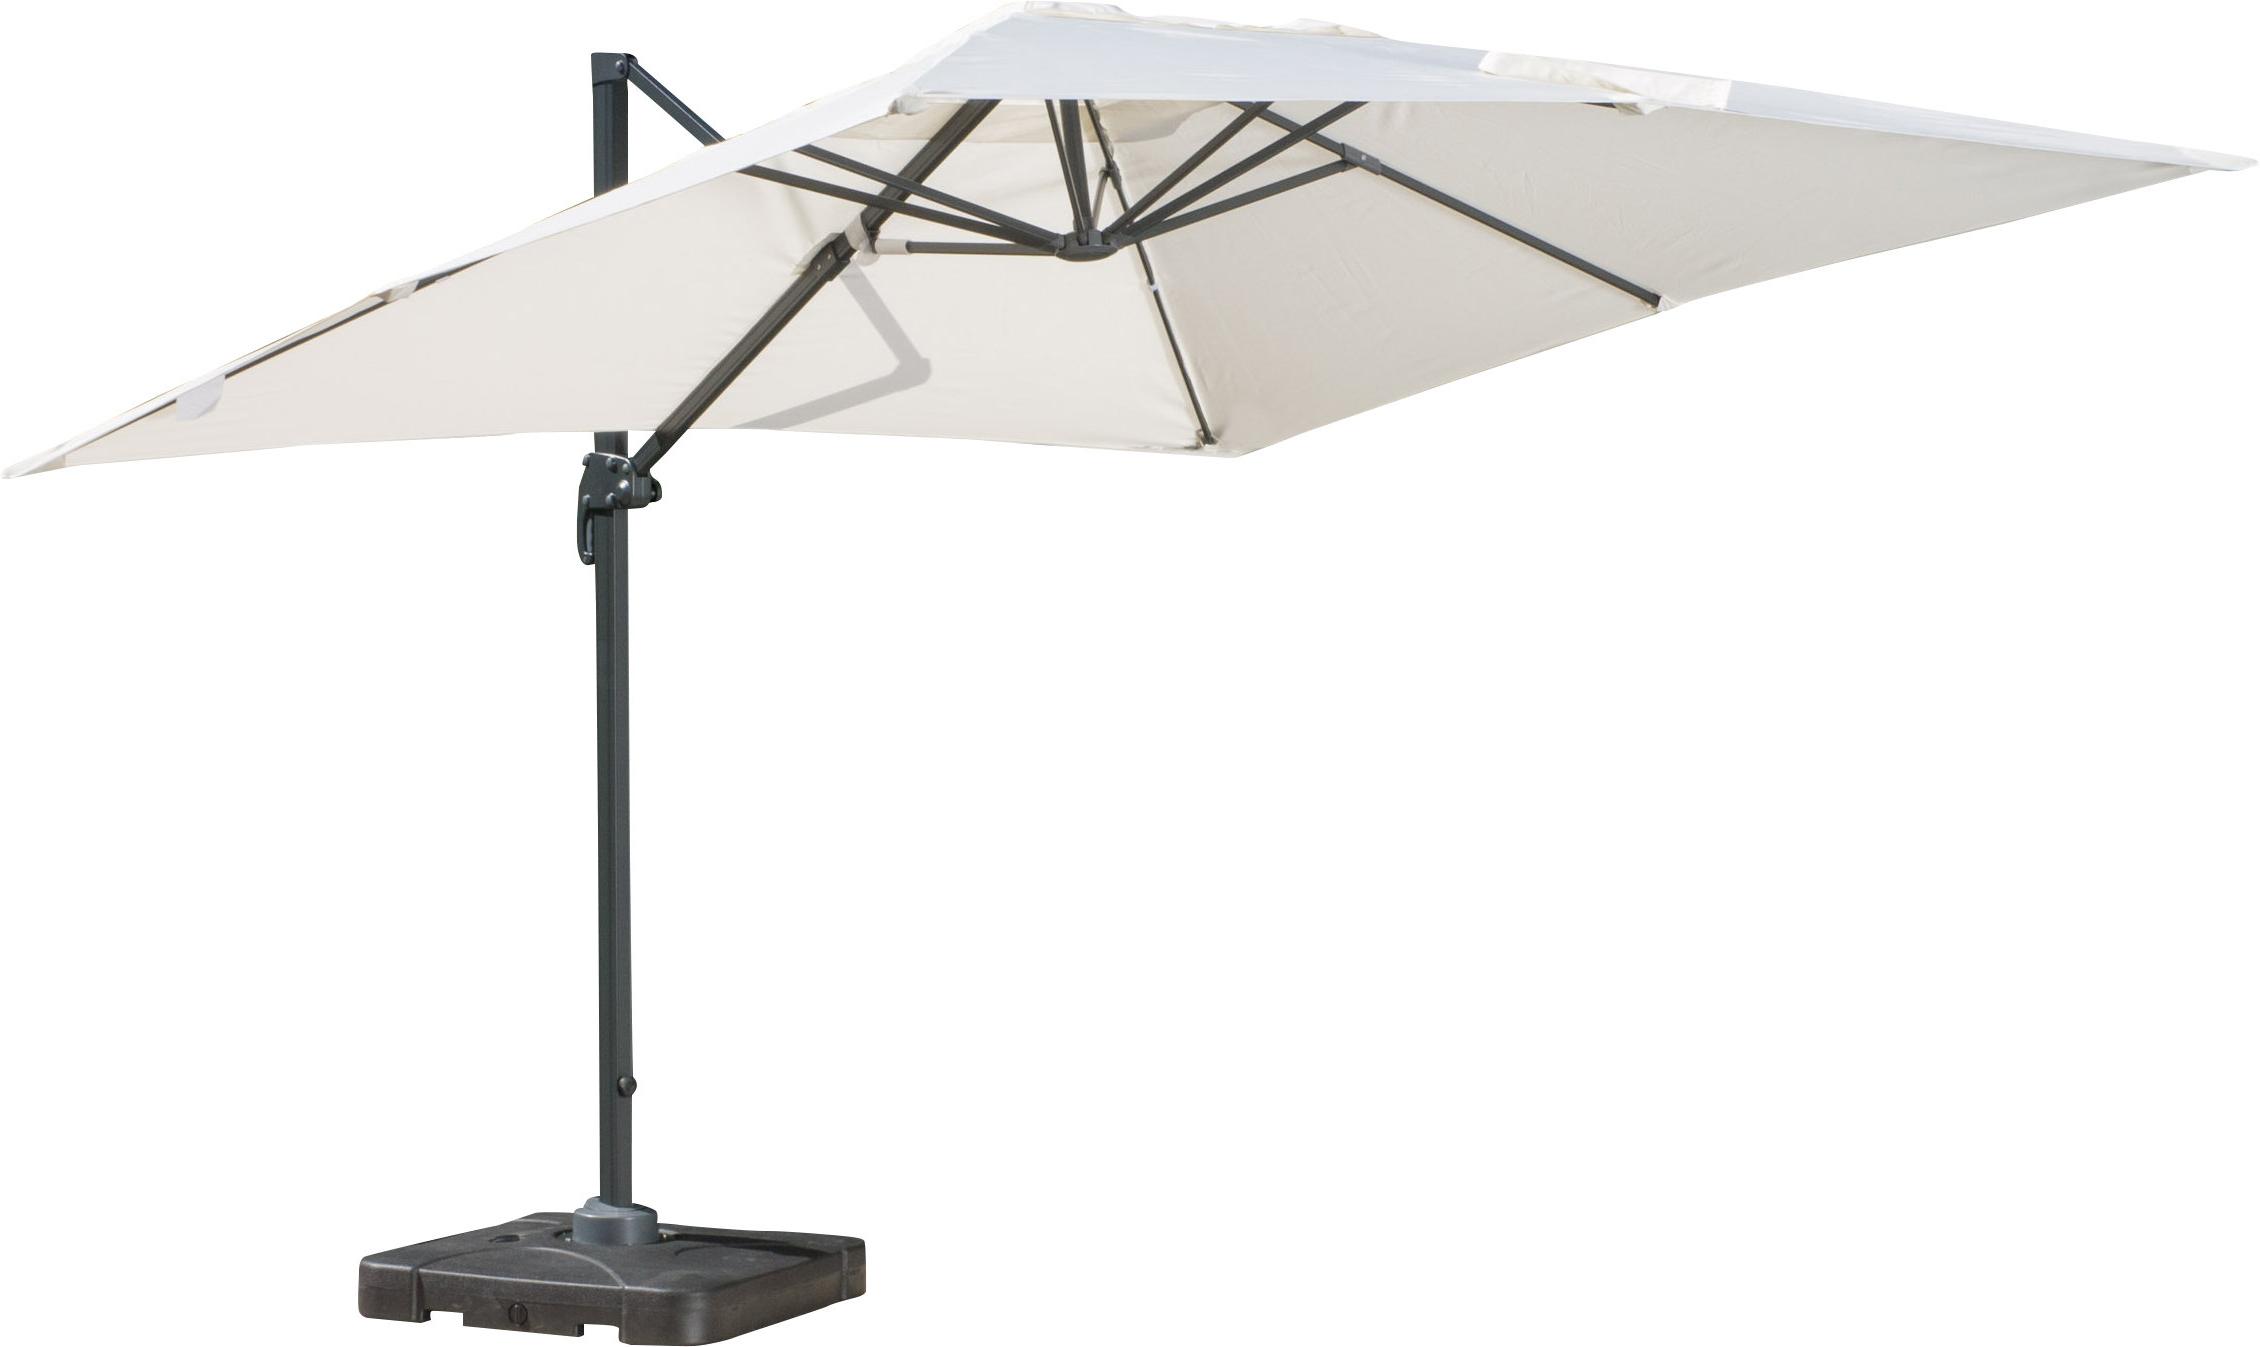 Boracay 10' Square Cantilever Umbrella Regarding Best And Newest Gribble 3Cantilever Umbrellas (View 6 of 20)